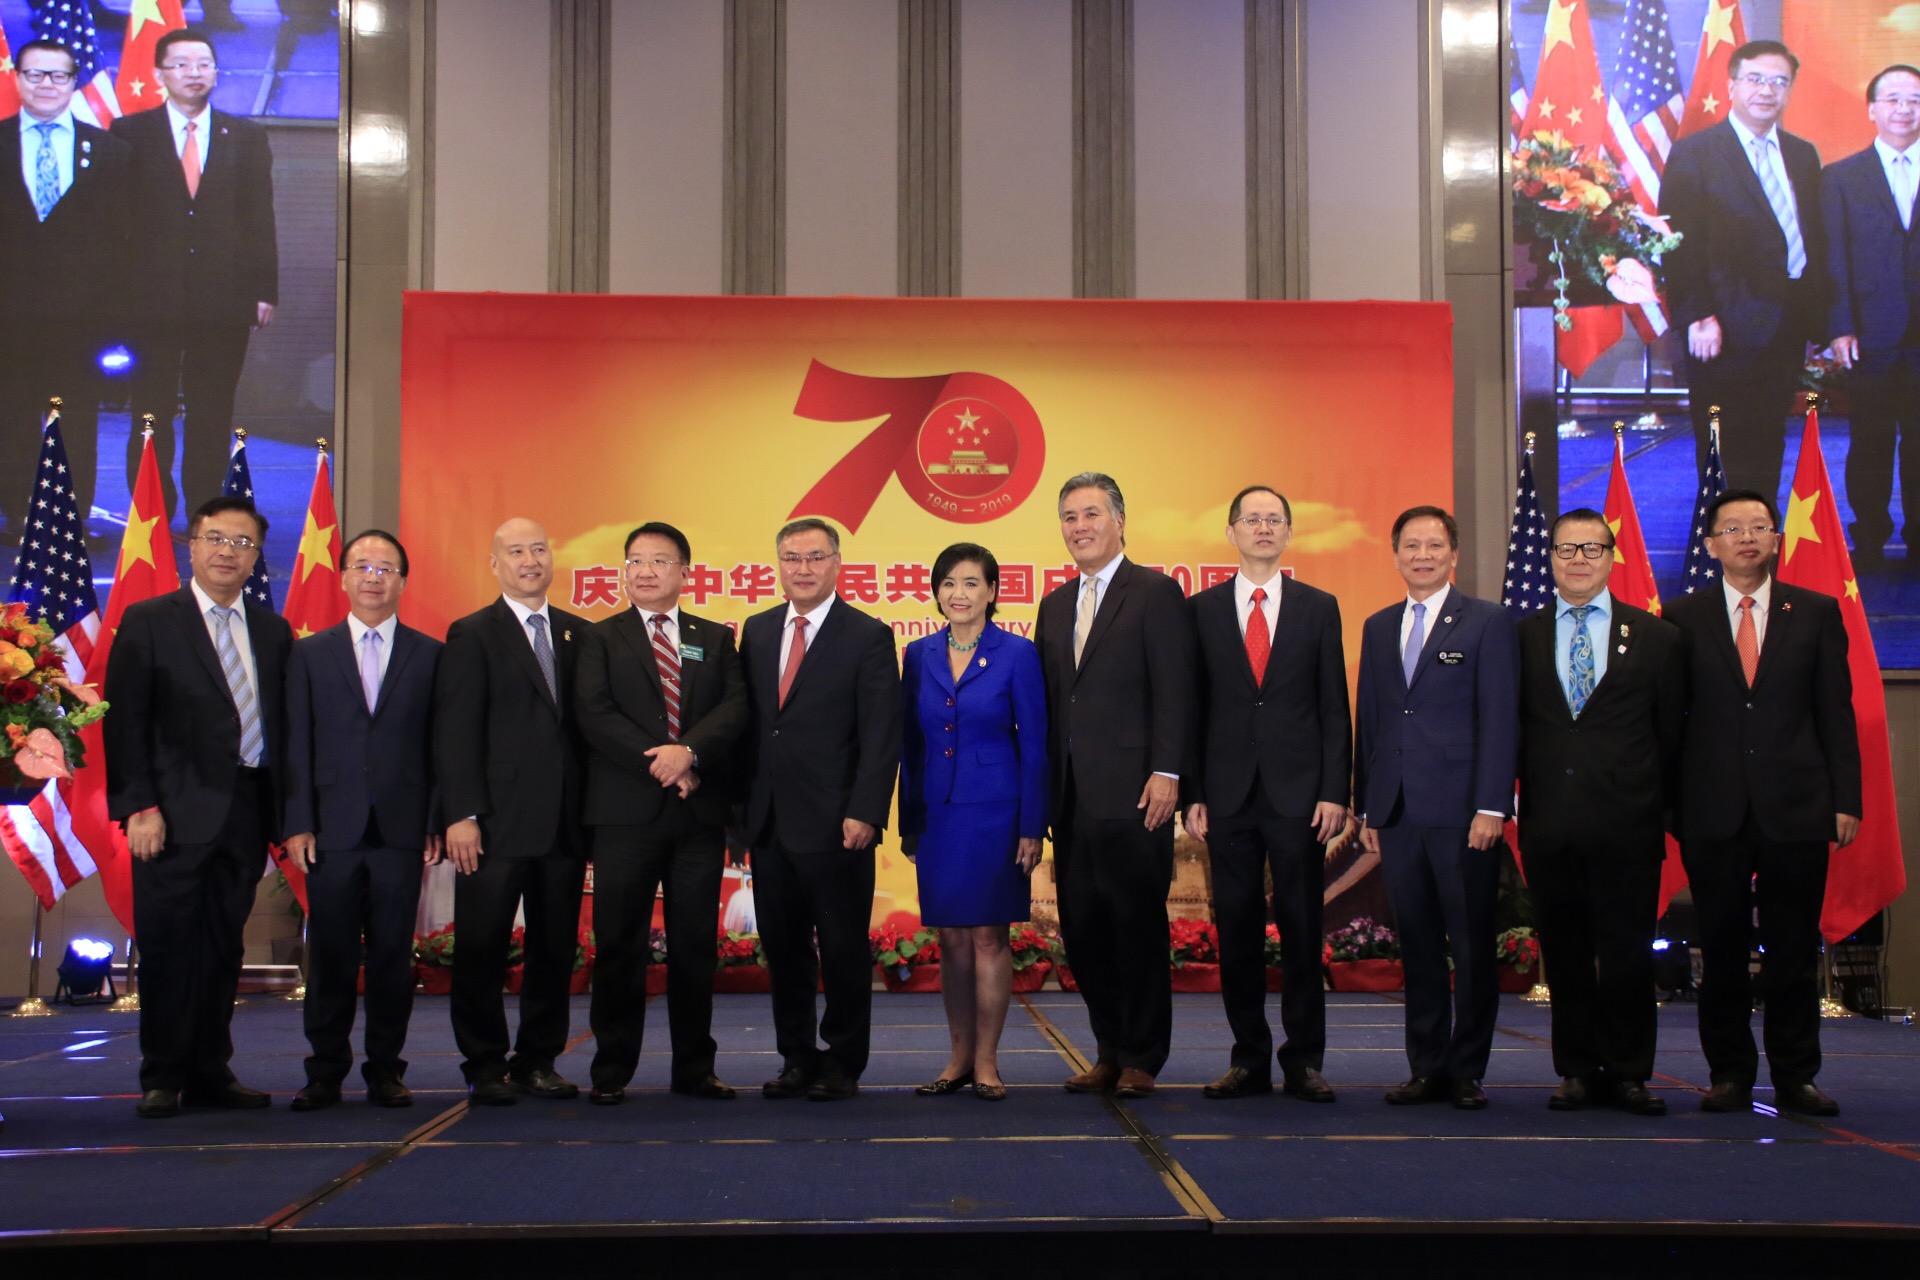 中國駐洛杉磯總領事館9月21日晚舉行慶祝中華人民共和國成立70週年國慶招待會,駐洛杉磯總領事張平及重要外賓合影。記者楊婷攝